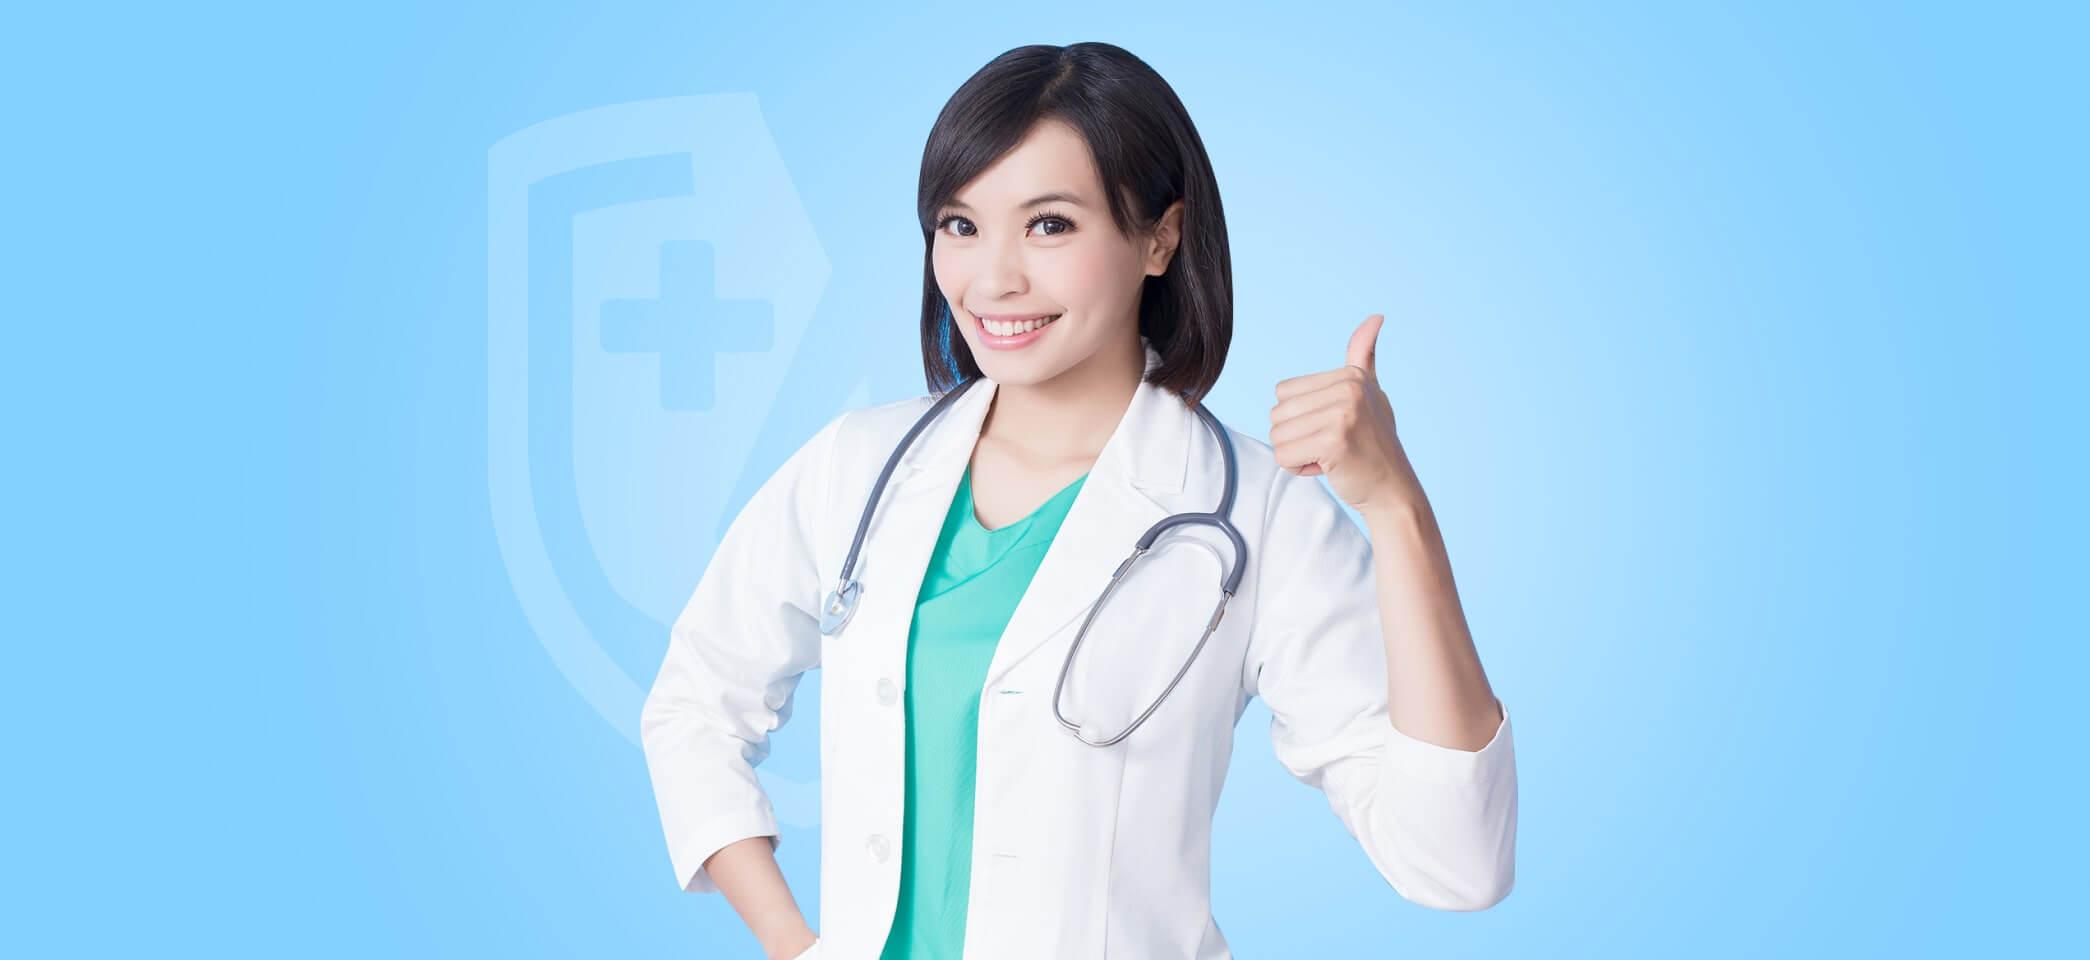 стоимость лечения Корея, стоимость диагностика Корея